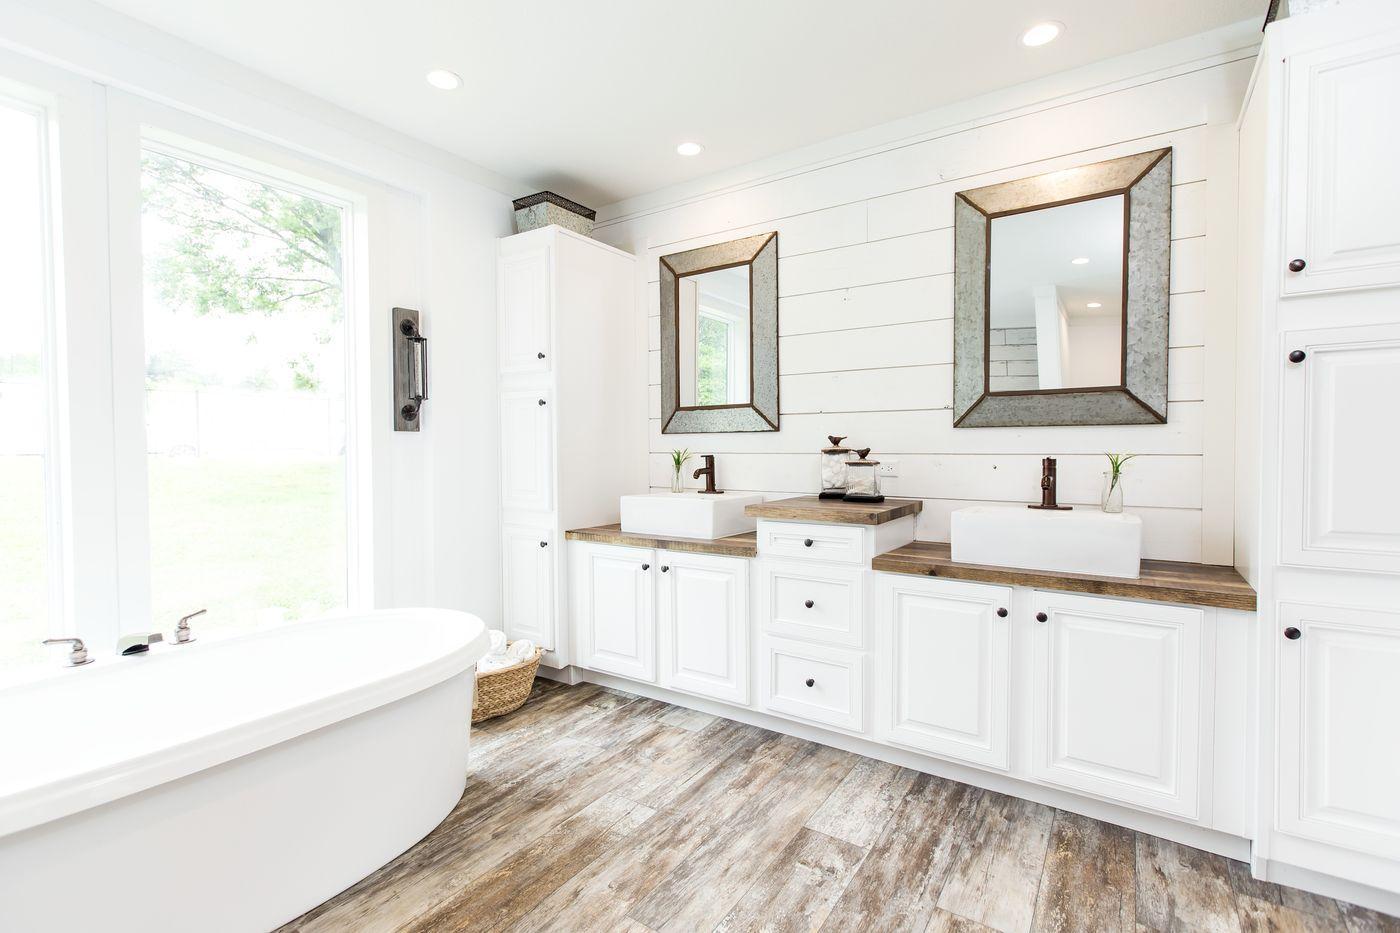 The Lulabelle Bathroom